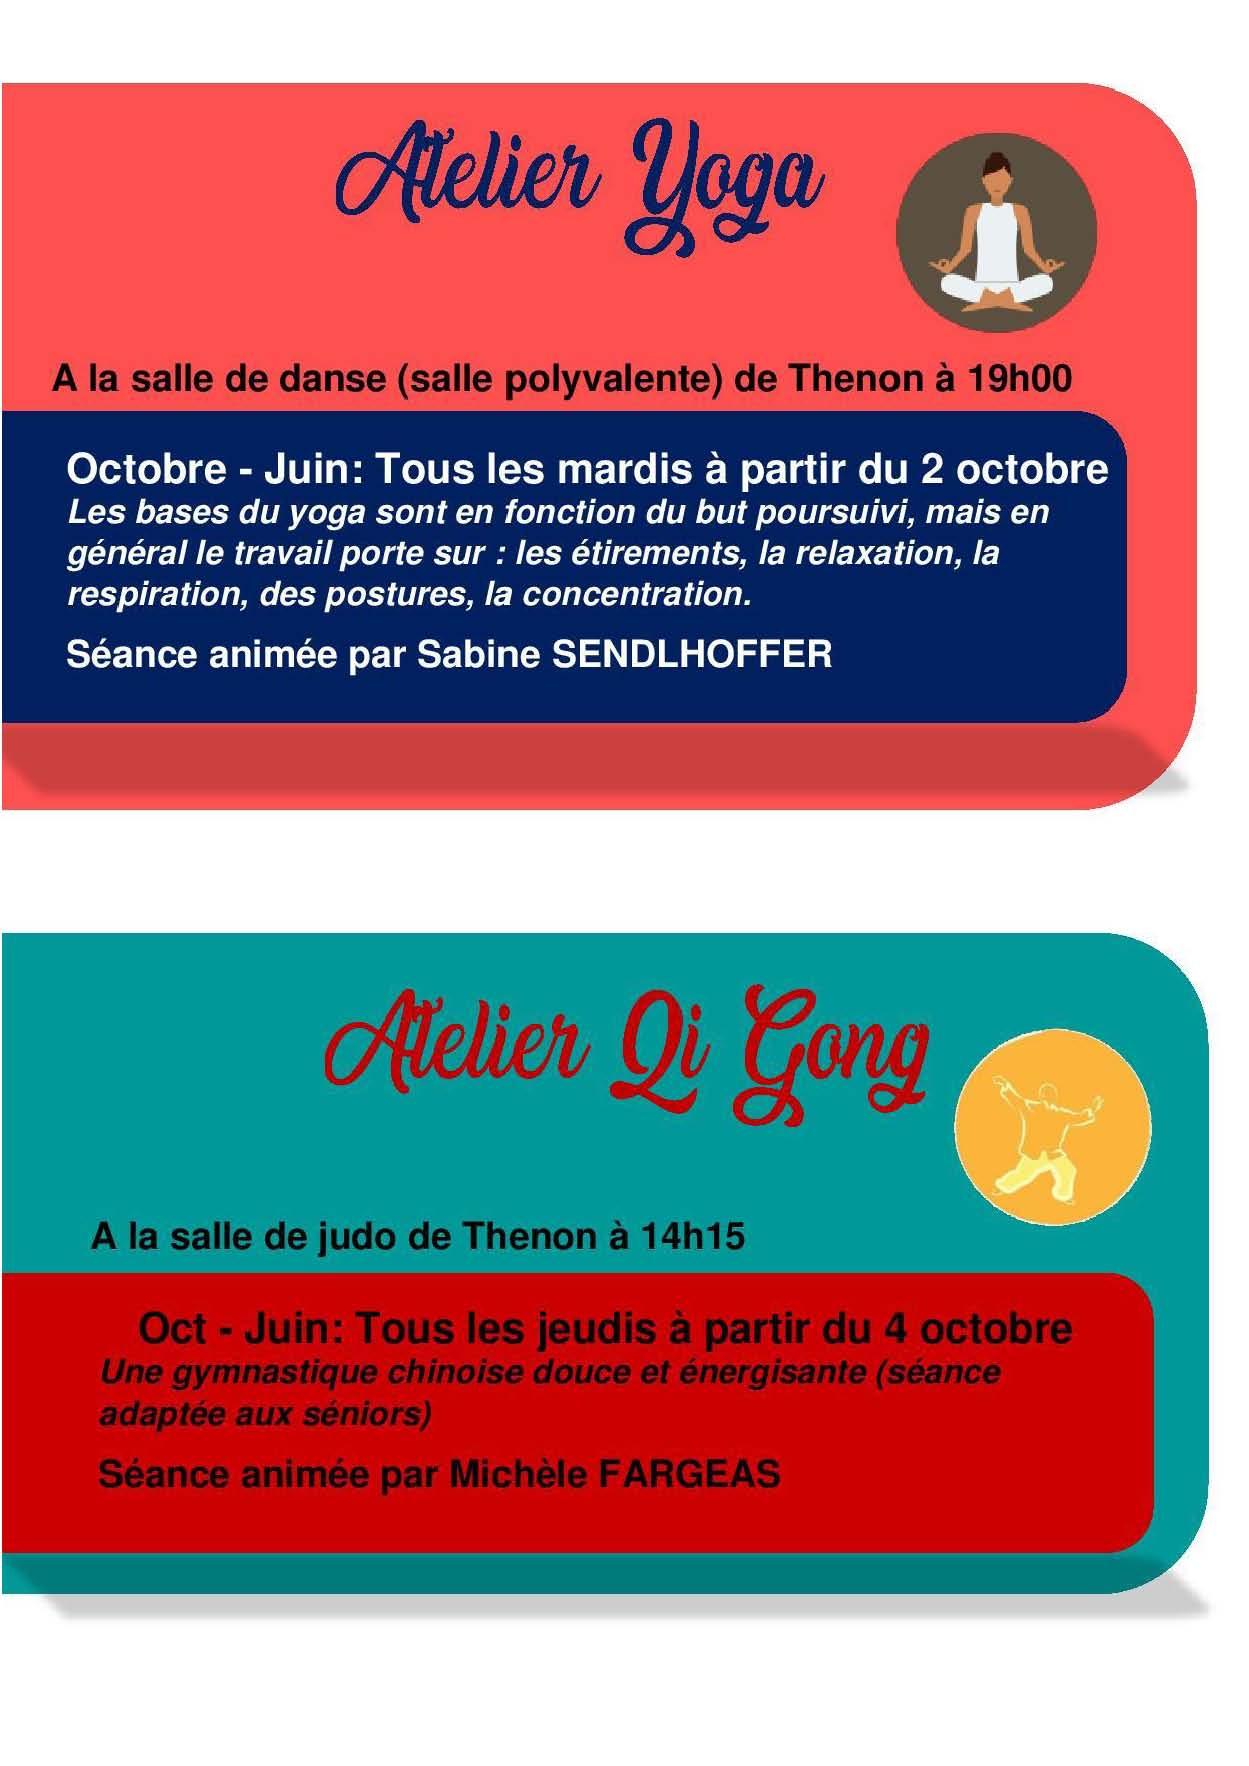 Pages de plaquette ateliers 2018-2019-4.jpg